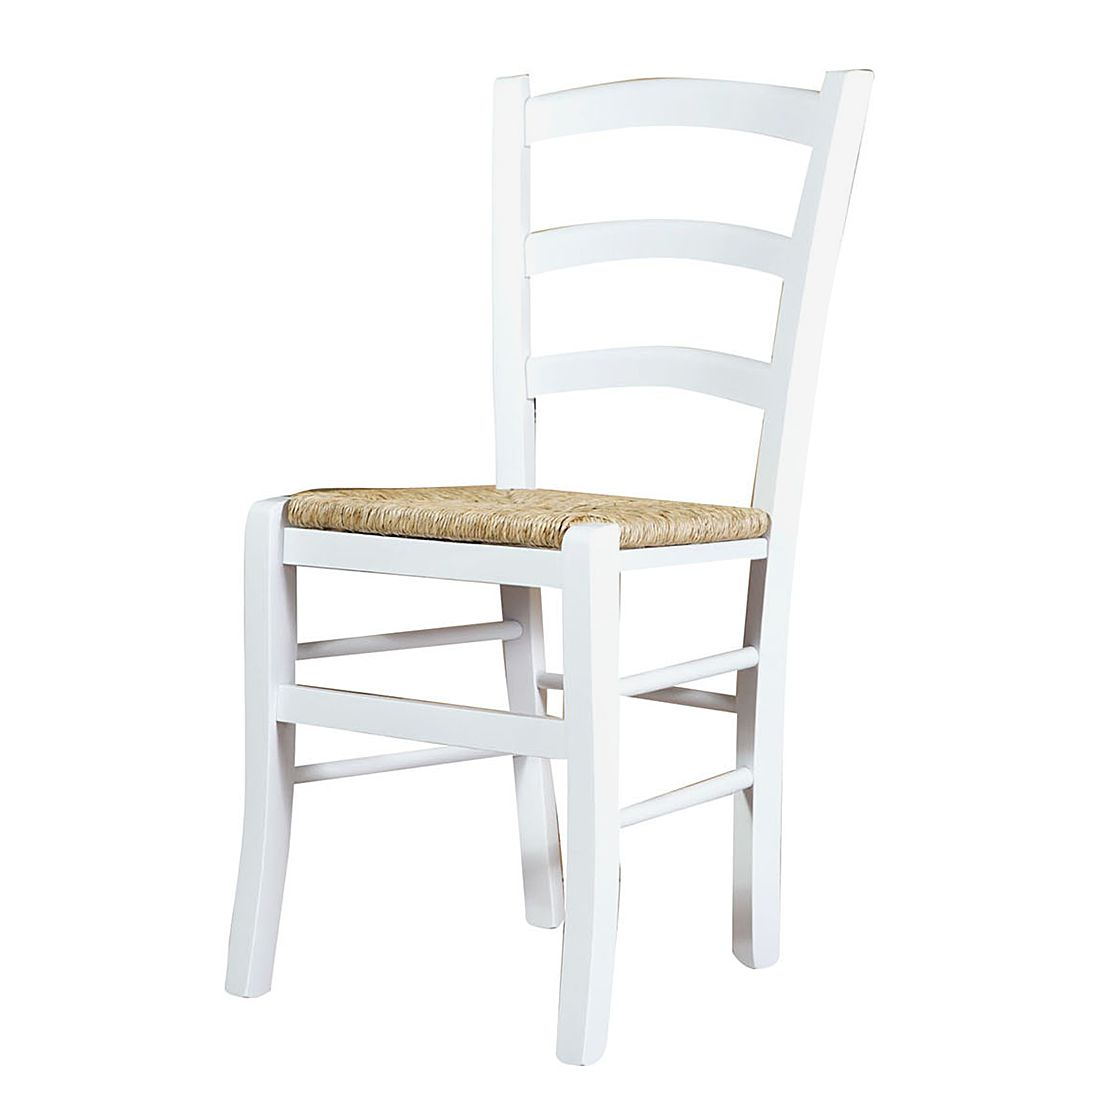 Meubles salle manger chaises de salle manger le for Chaises salle a manger 2 main